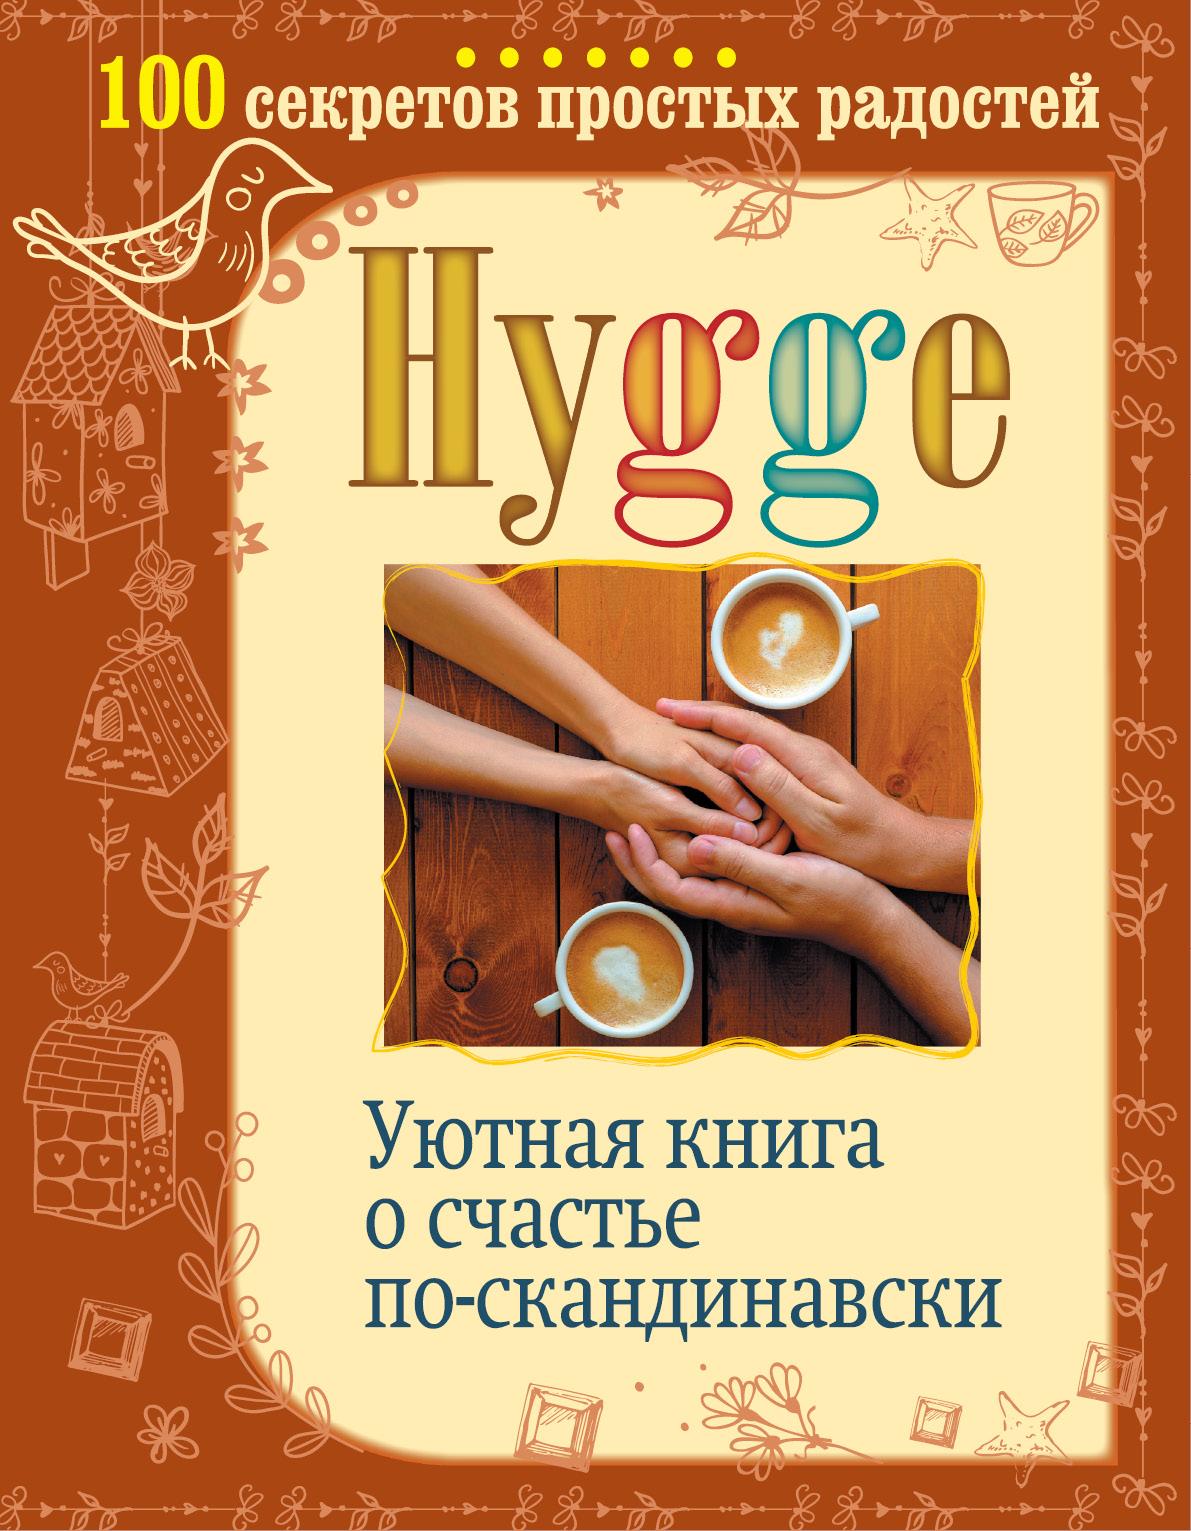 Артур Майбах Hygge. Уютная книга о счастье по-скандинавски. 100 секретов простых радостей викинг м hygge секрет датского счастья